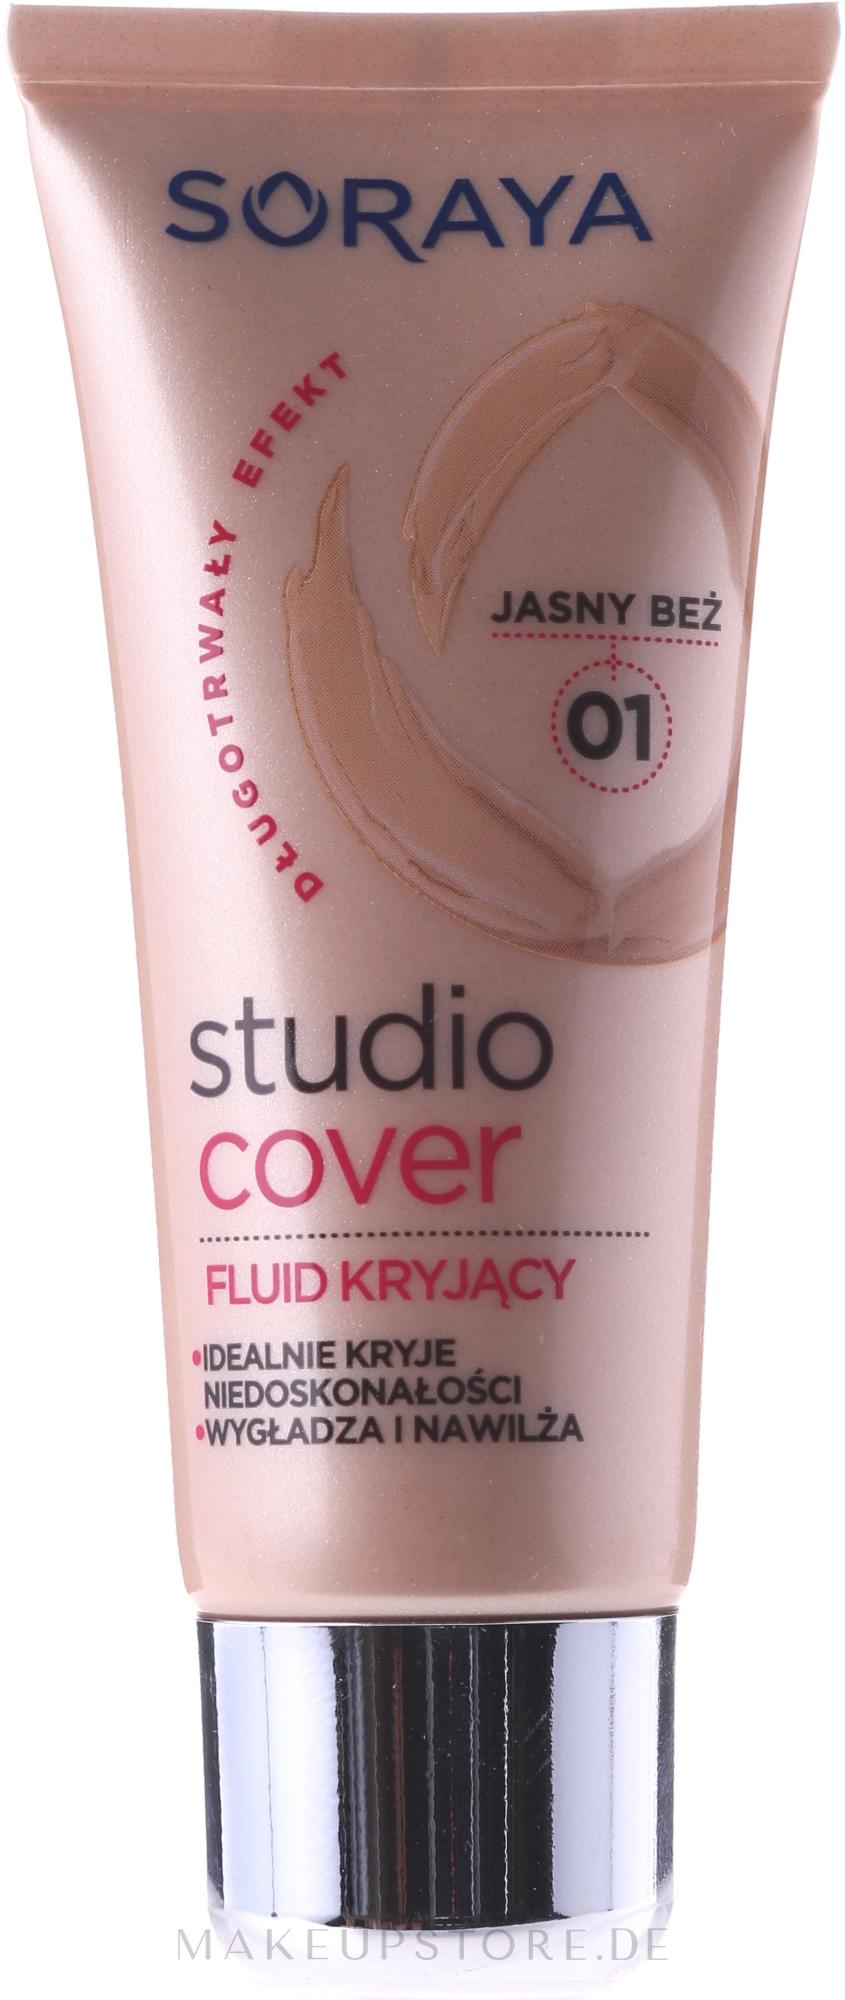 Deckendes Make-up mit Vitamin E - Soraya Studio Cover Make-up Cover up — Bild 01